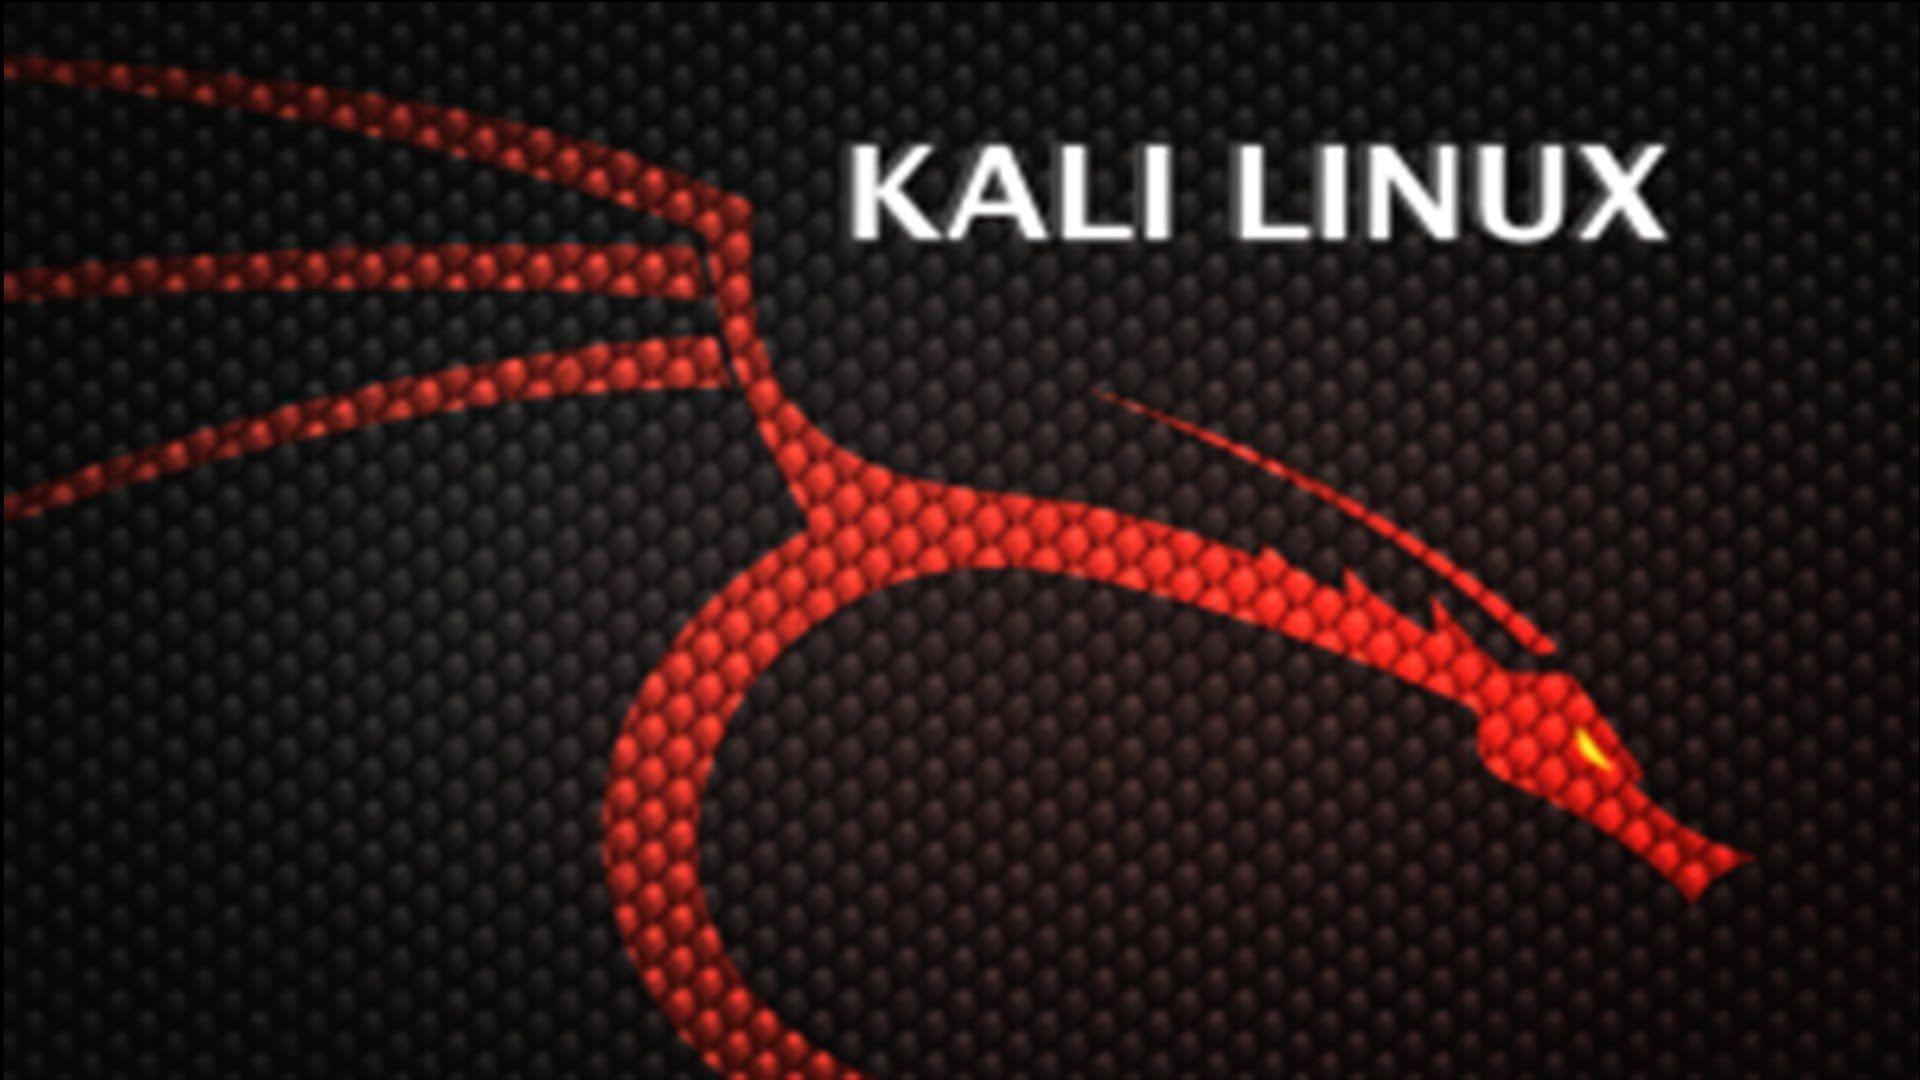 Res: 1920x1080, Kali Linux Dragon Hd Wallpaper - impremedia.net